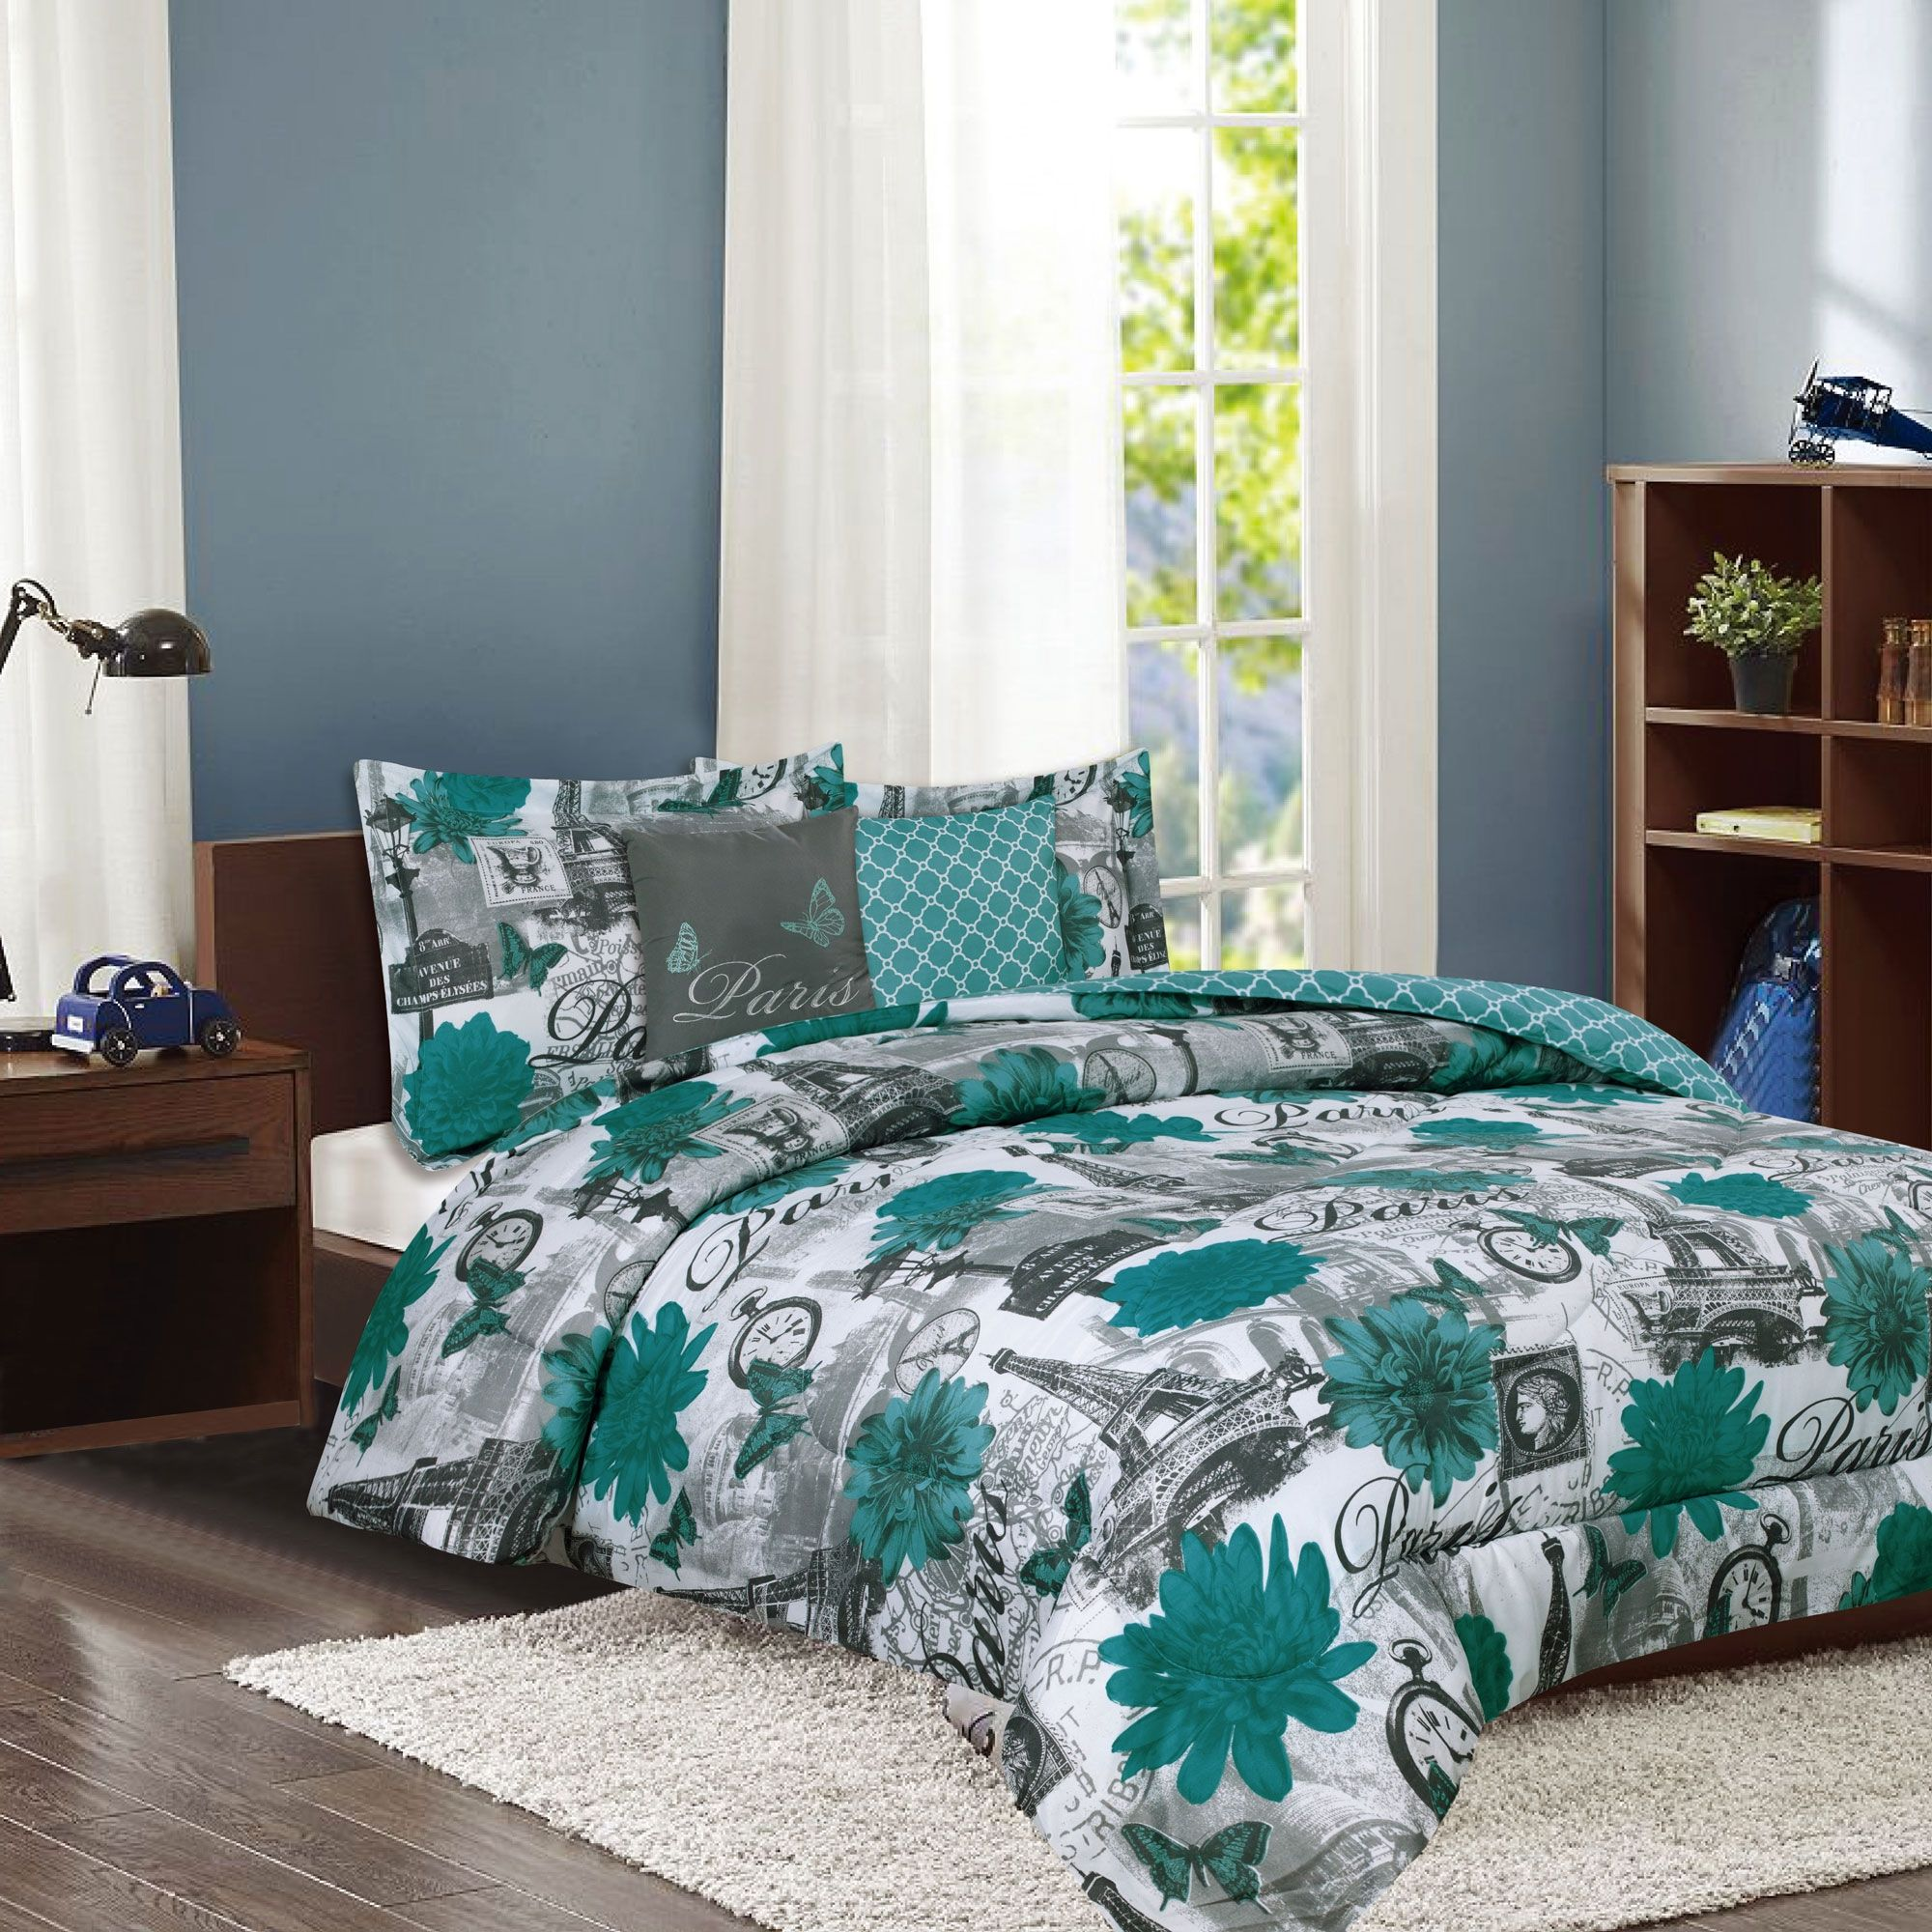 Crest Home Paris Palais Bedding Twin Comforter 4 Piece Bed Set